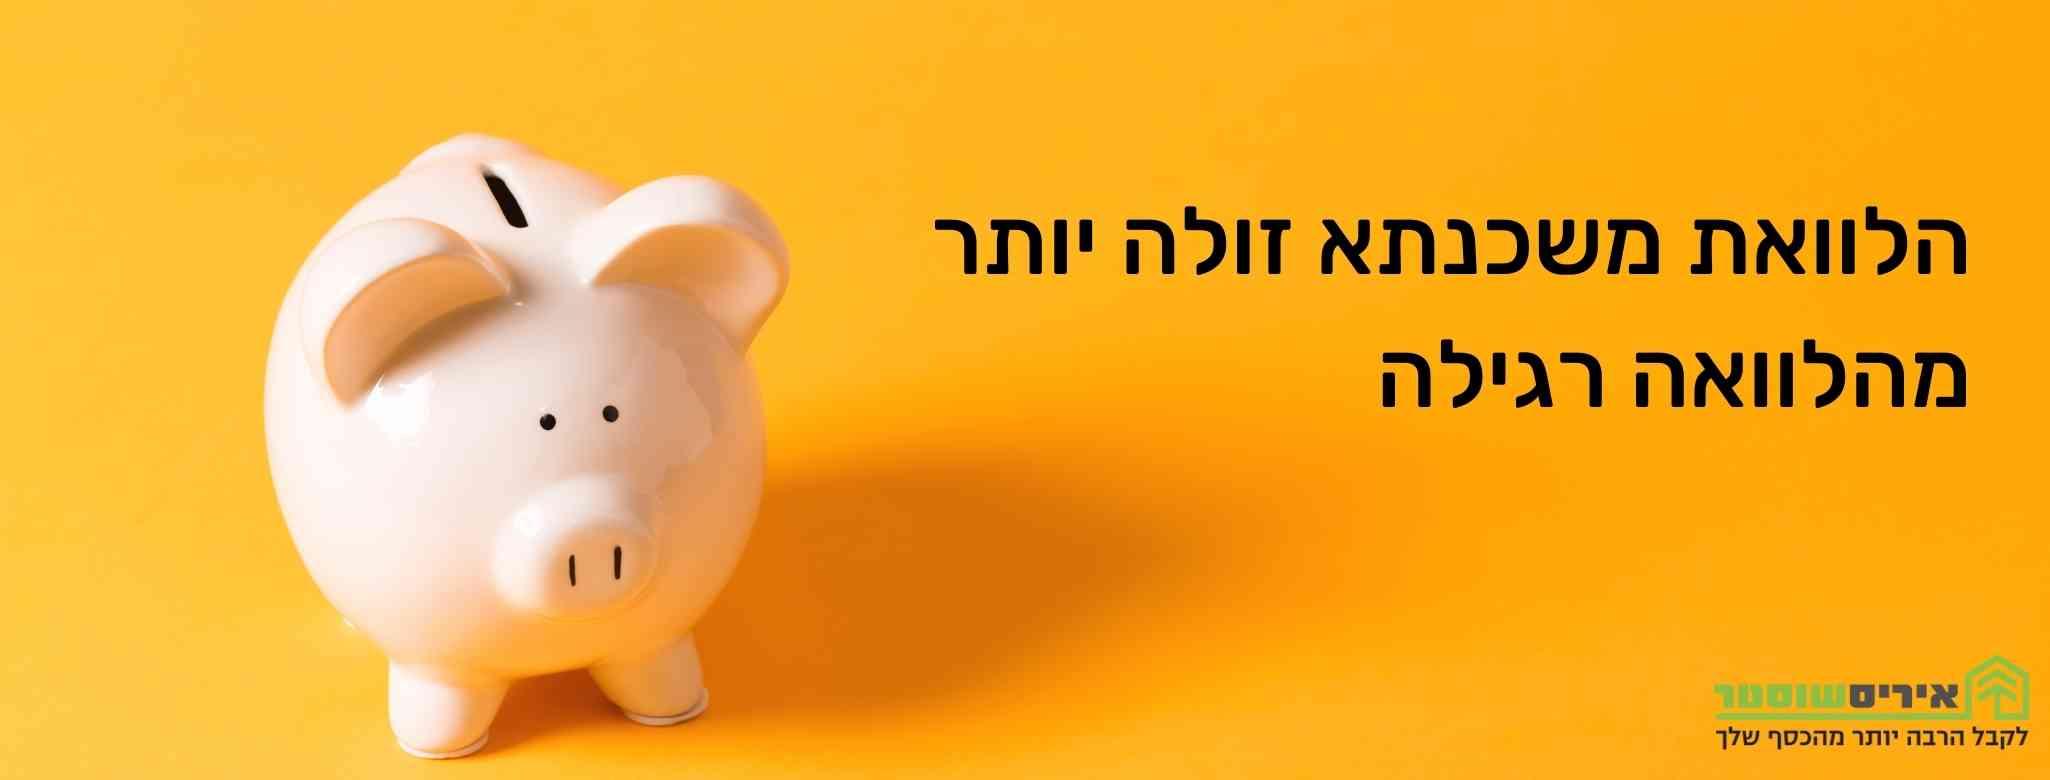 משכנתא תהיה זולה יותר מהלוואה